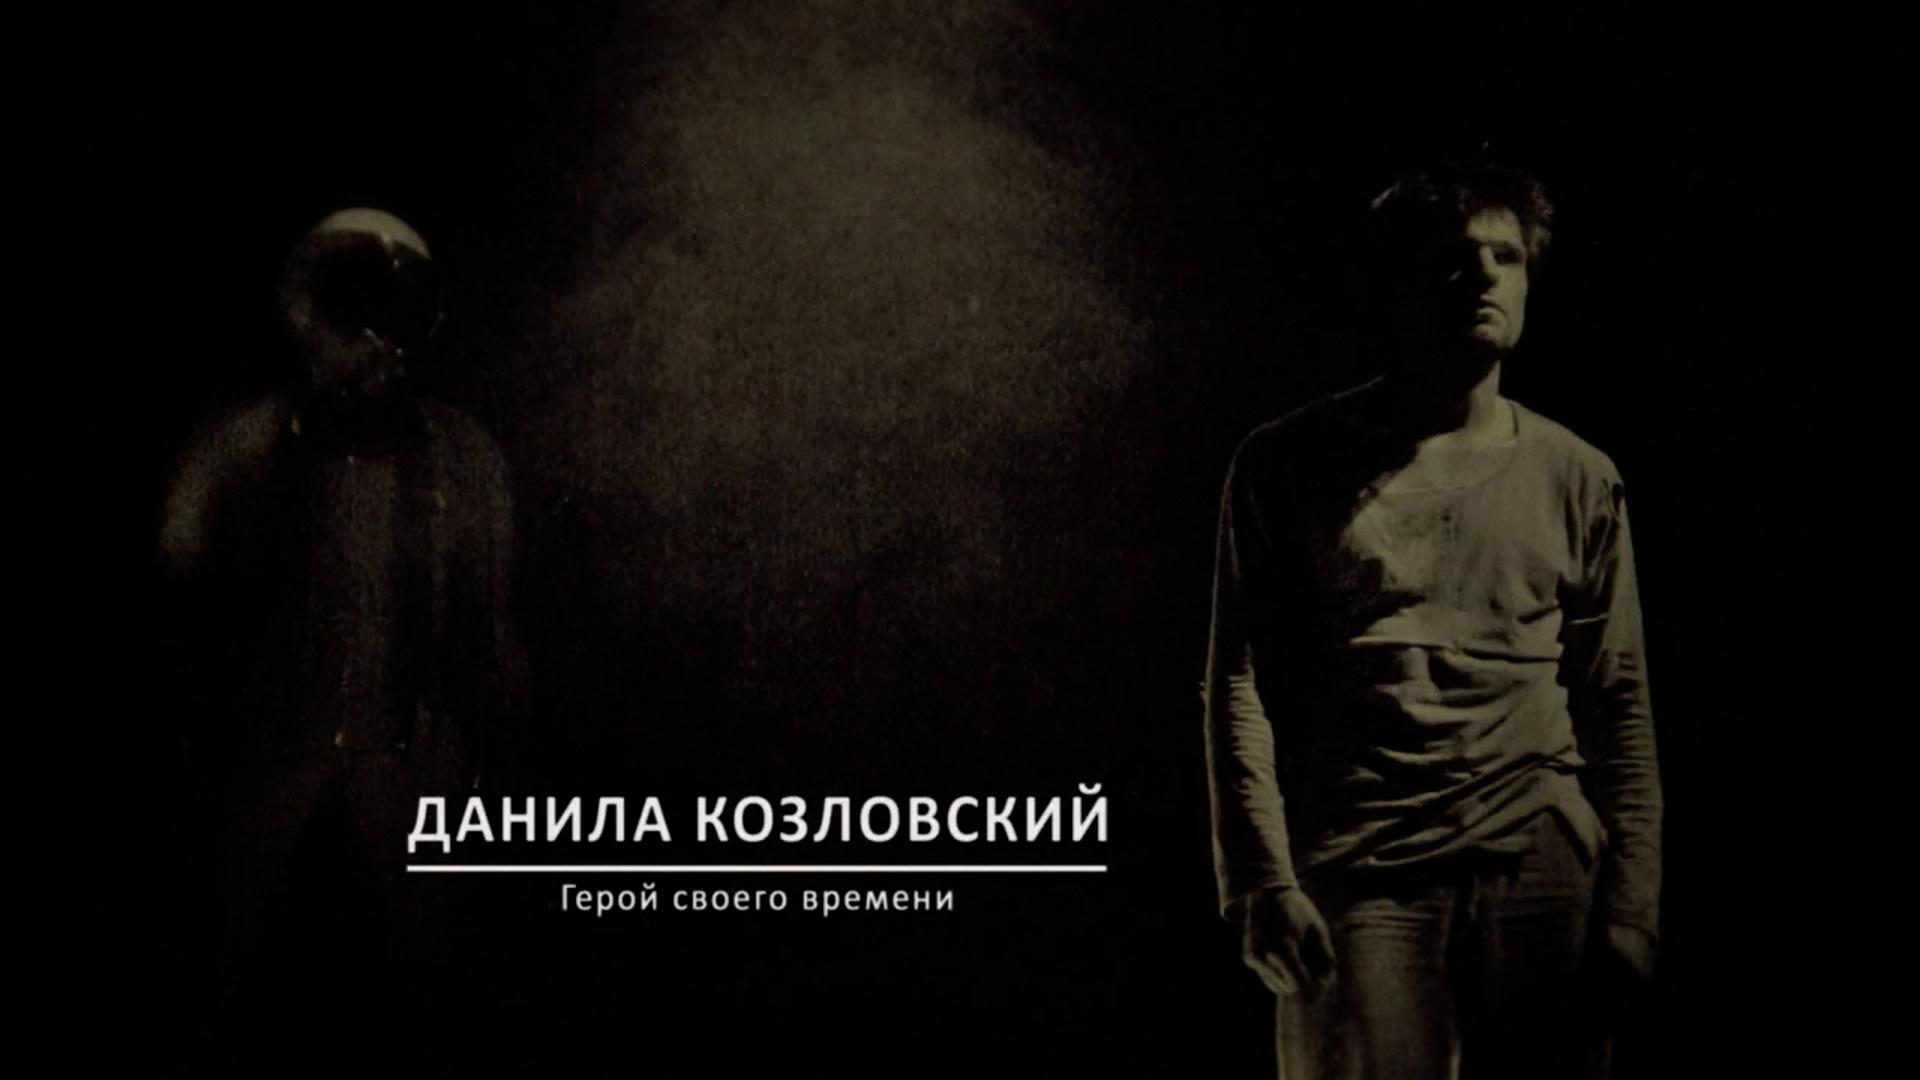 Данила Козловский. Герой своего времени